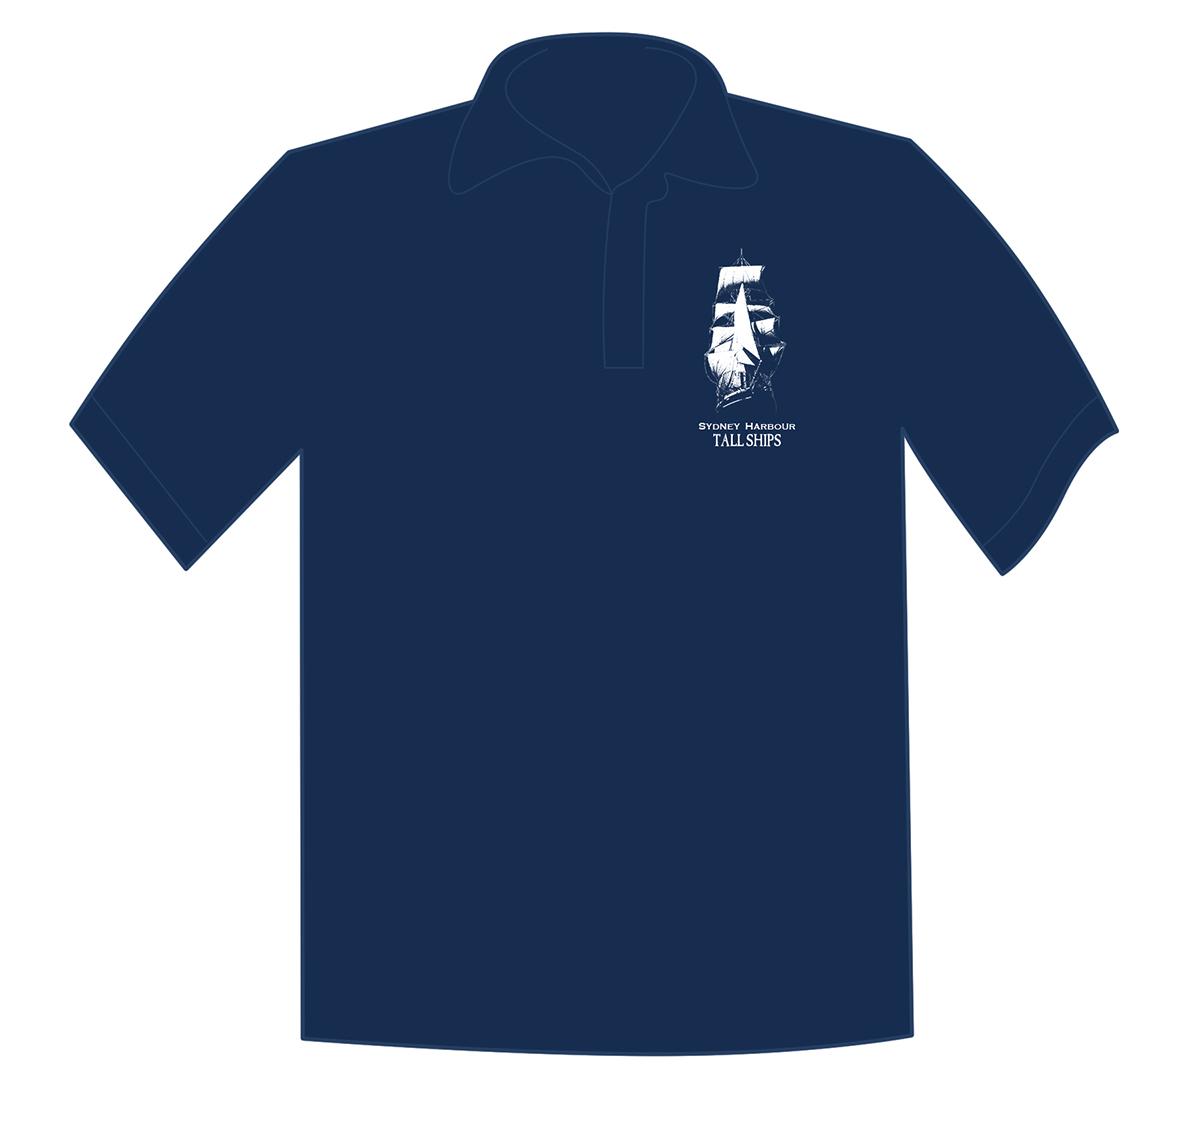 Modern Sympatisch T Shirt Design For Alison Warne By